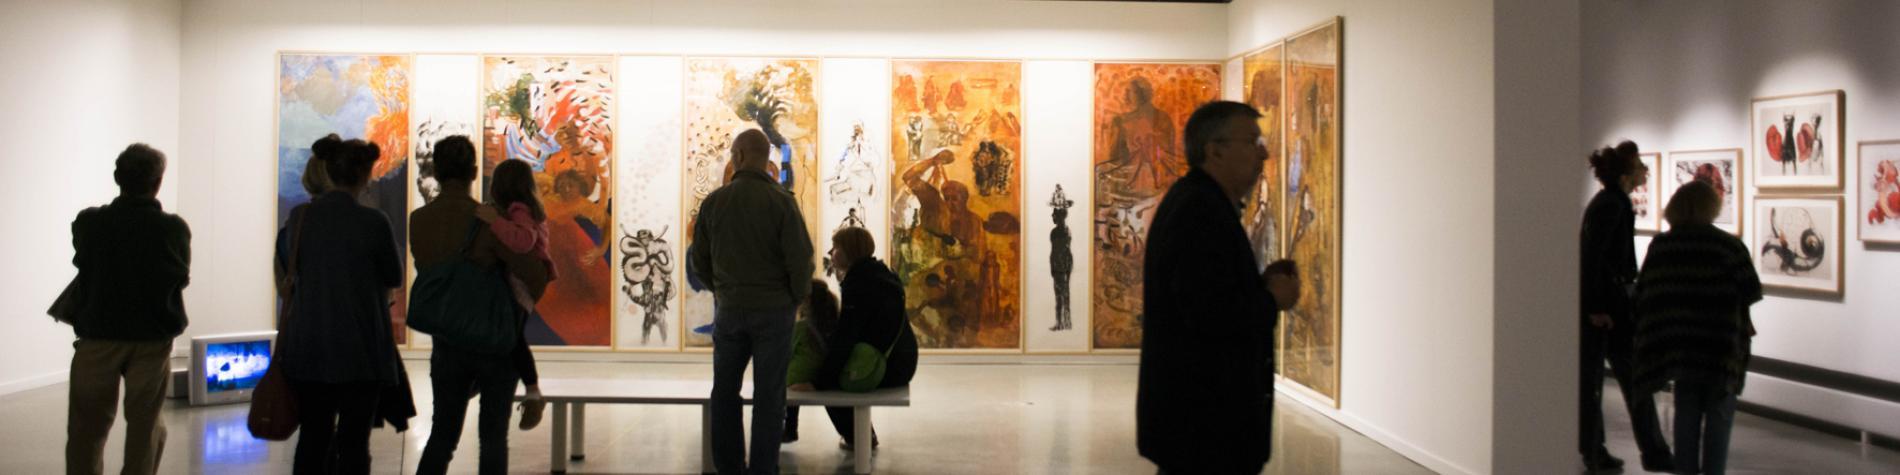 Exposition au Centre de la Gravure et de l'Image imprimée à La Louvière